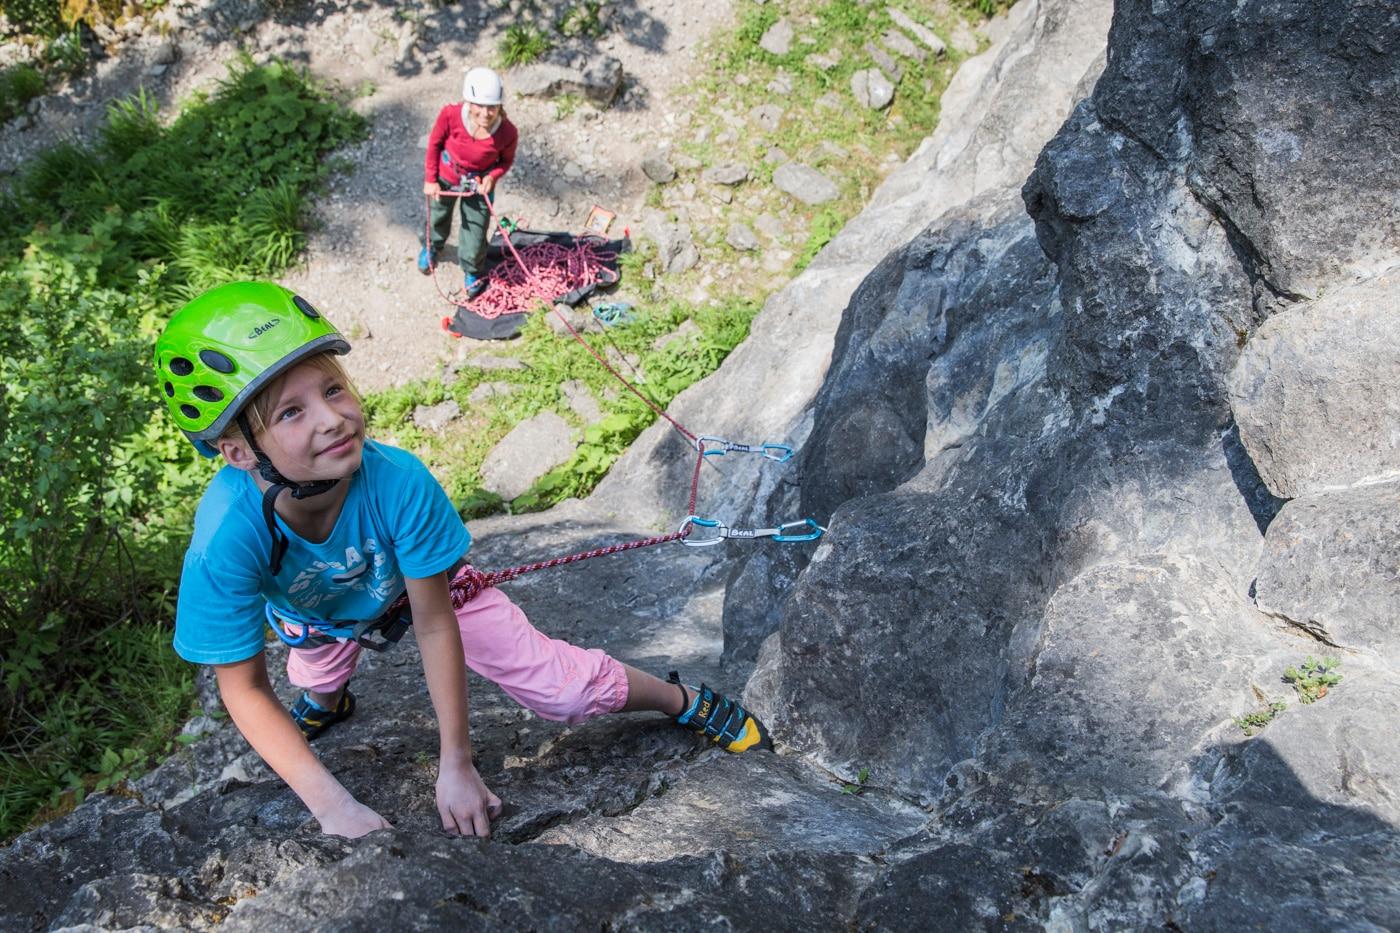 Ab Wann Klettergurt Für Kinder : Klettern mit kindern die richtige ausrüstung bergwelten